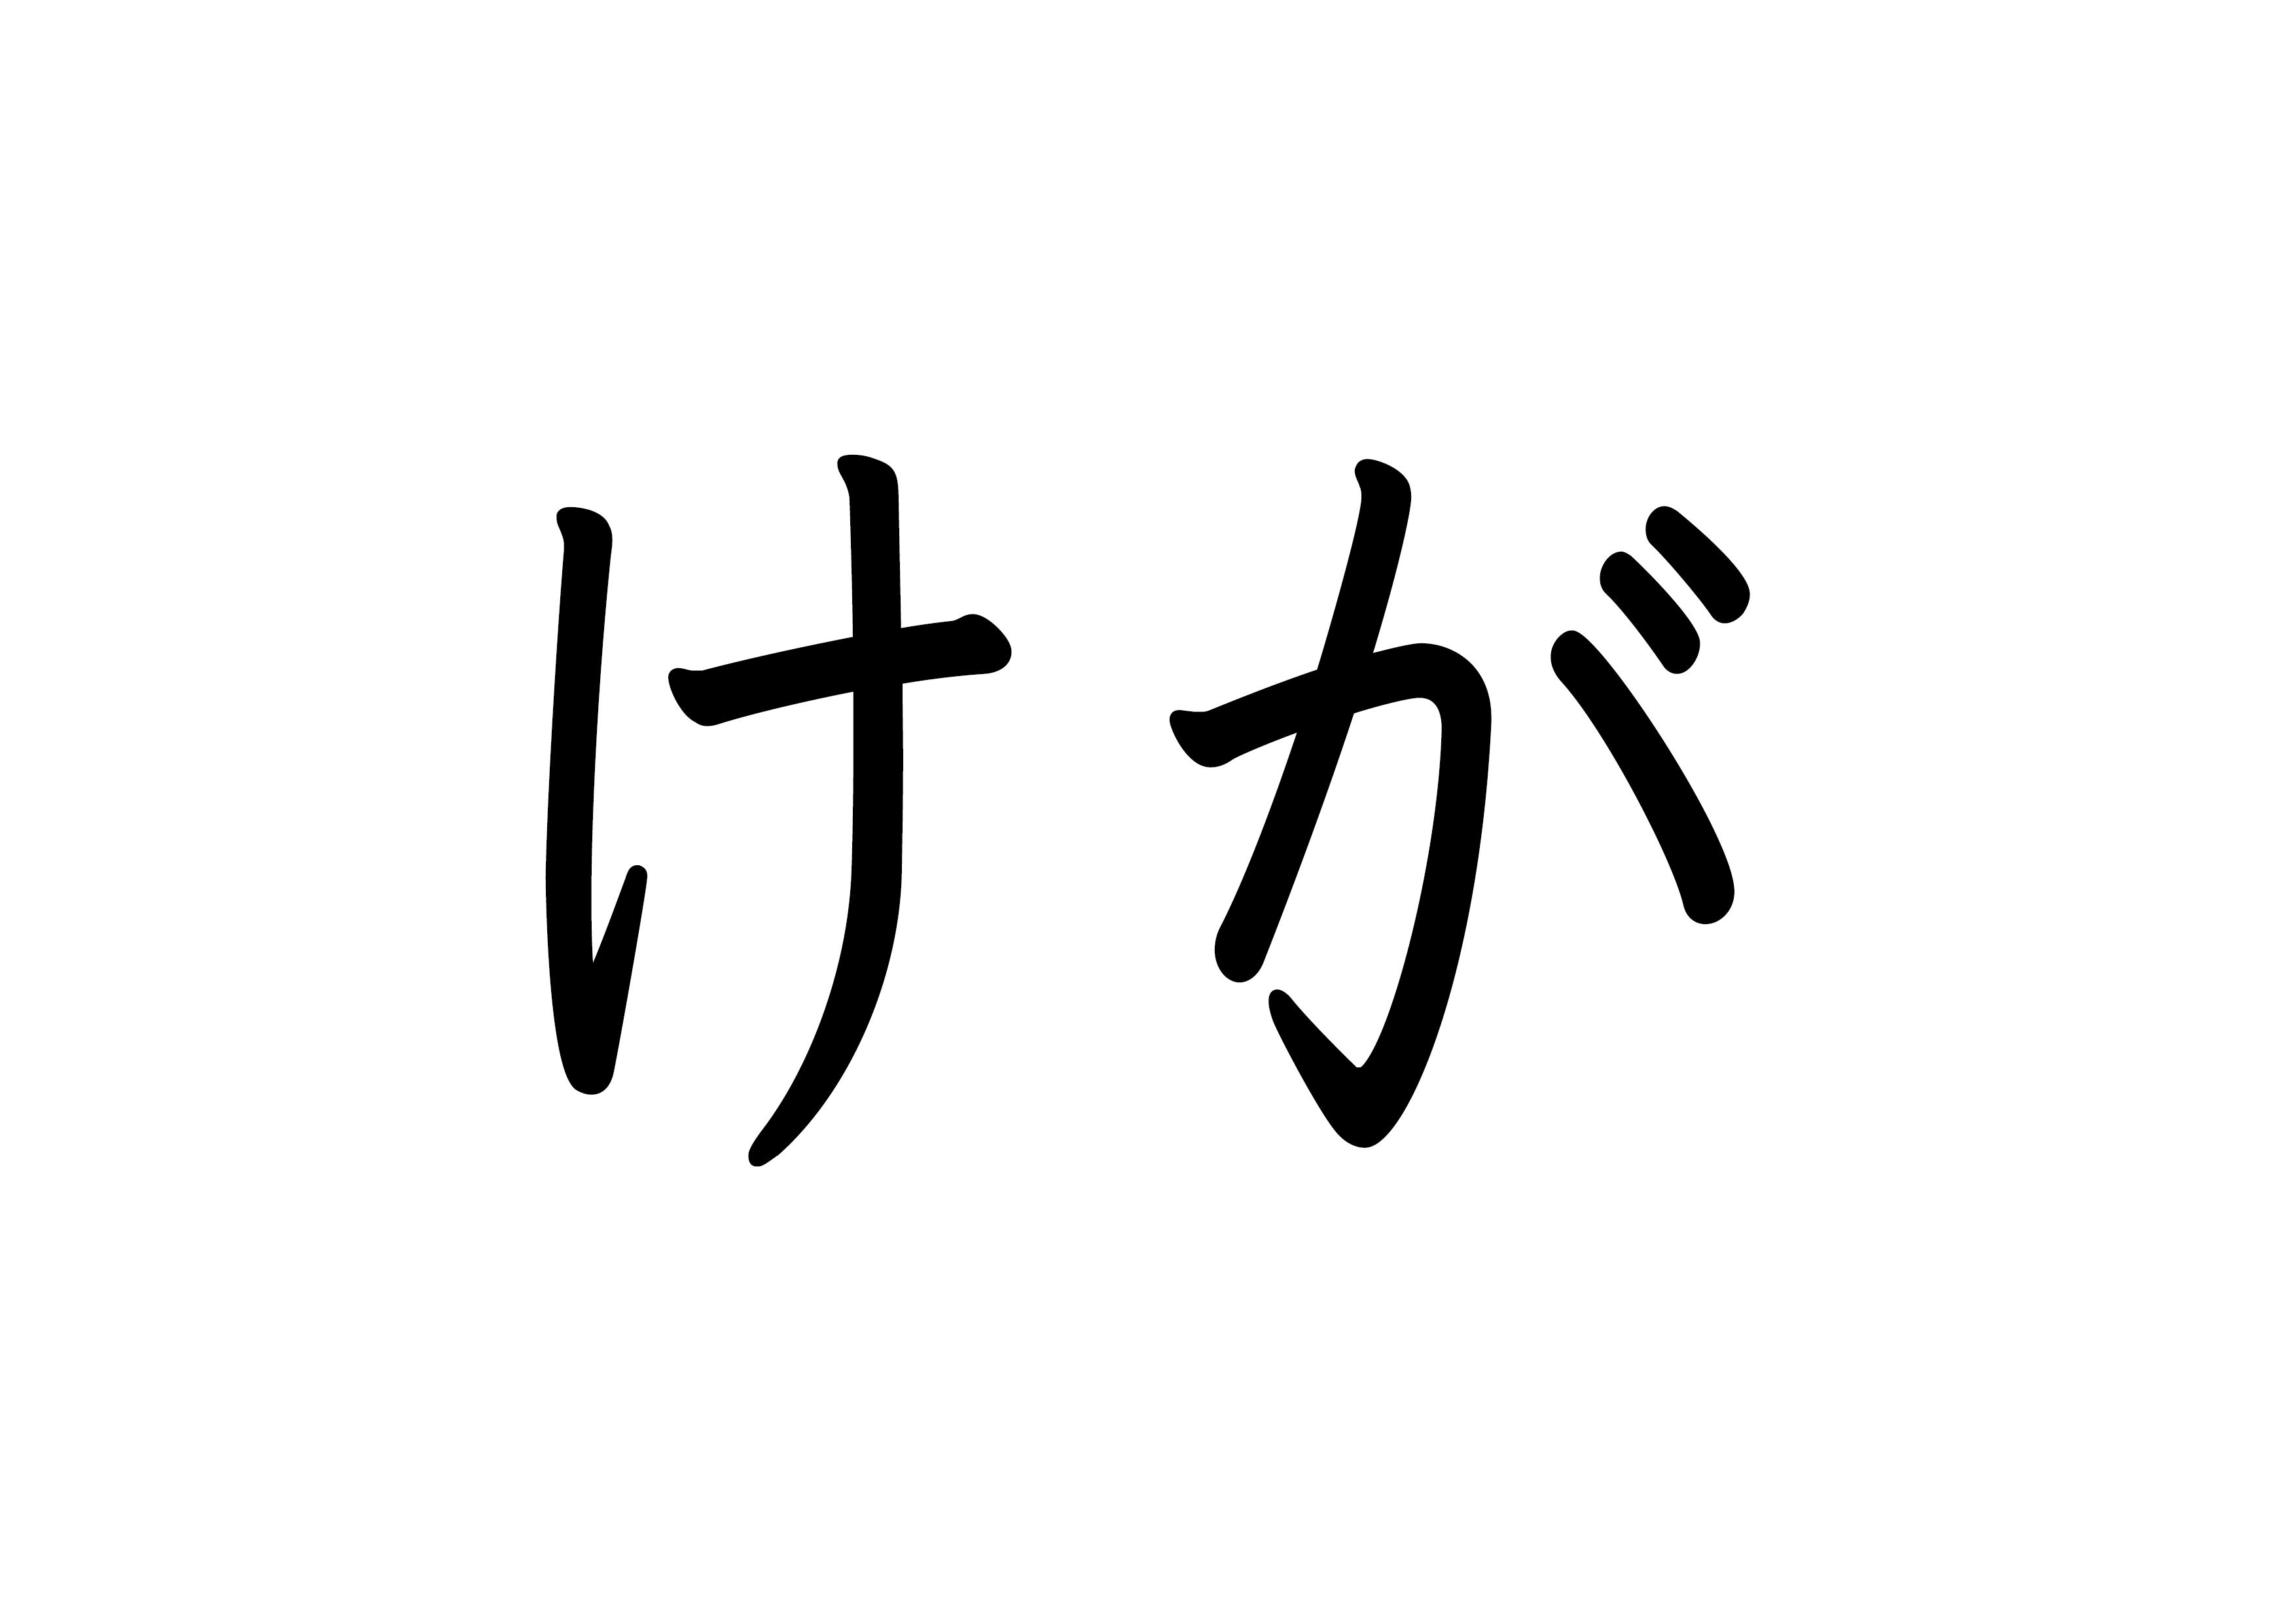 32課文字カード【けが】